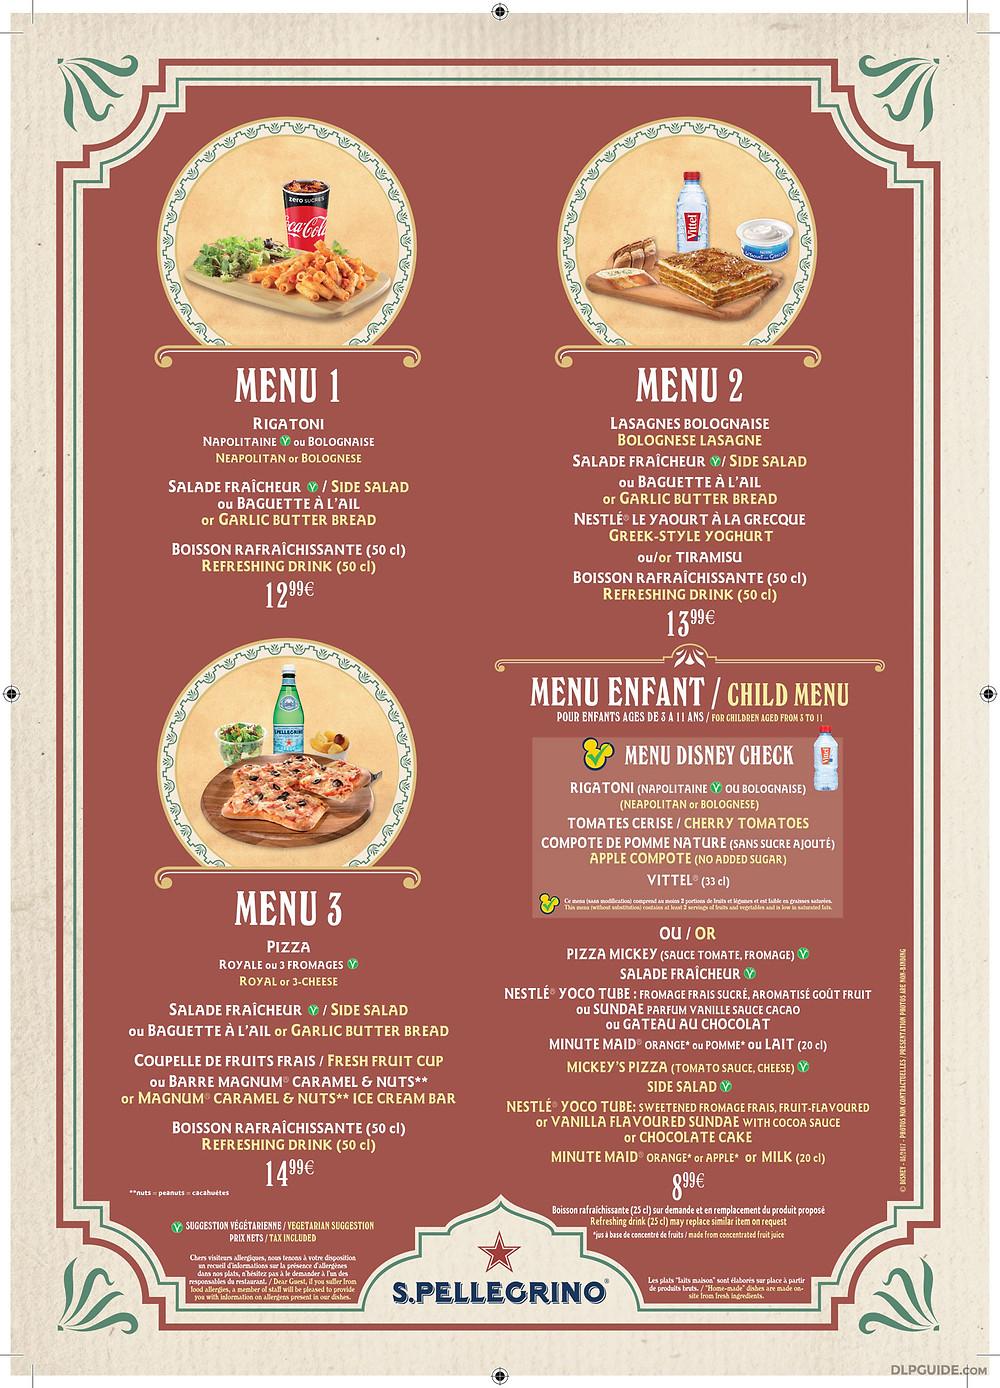 Colonel Hathi's Pizza Outpost Disneyland Paris menu